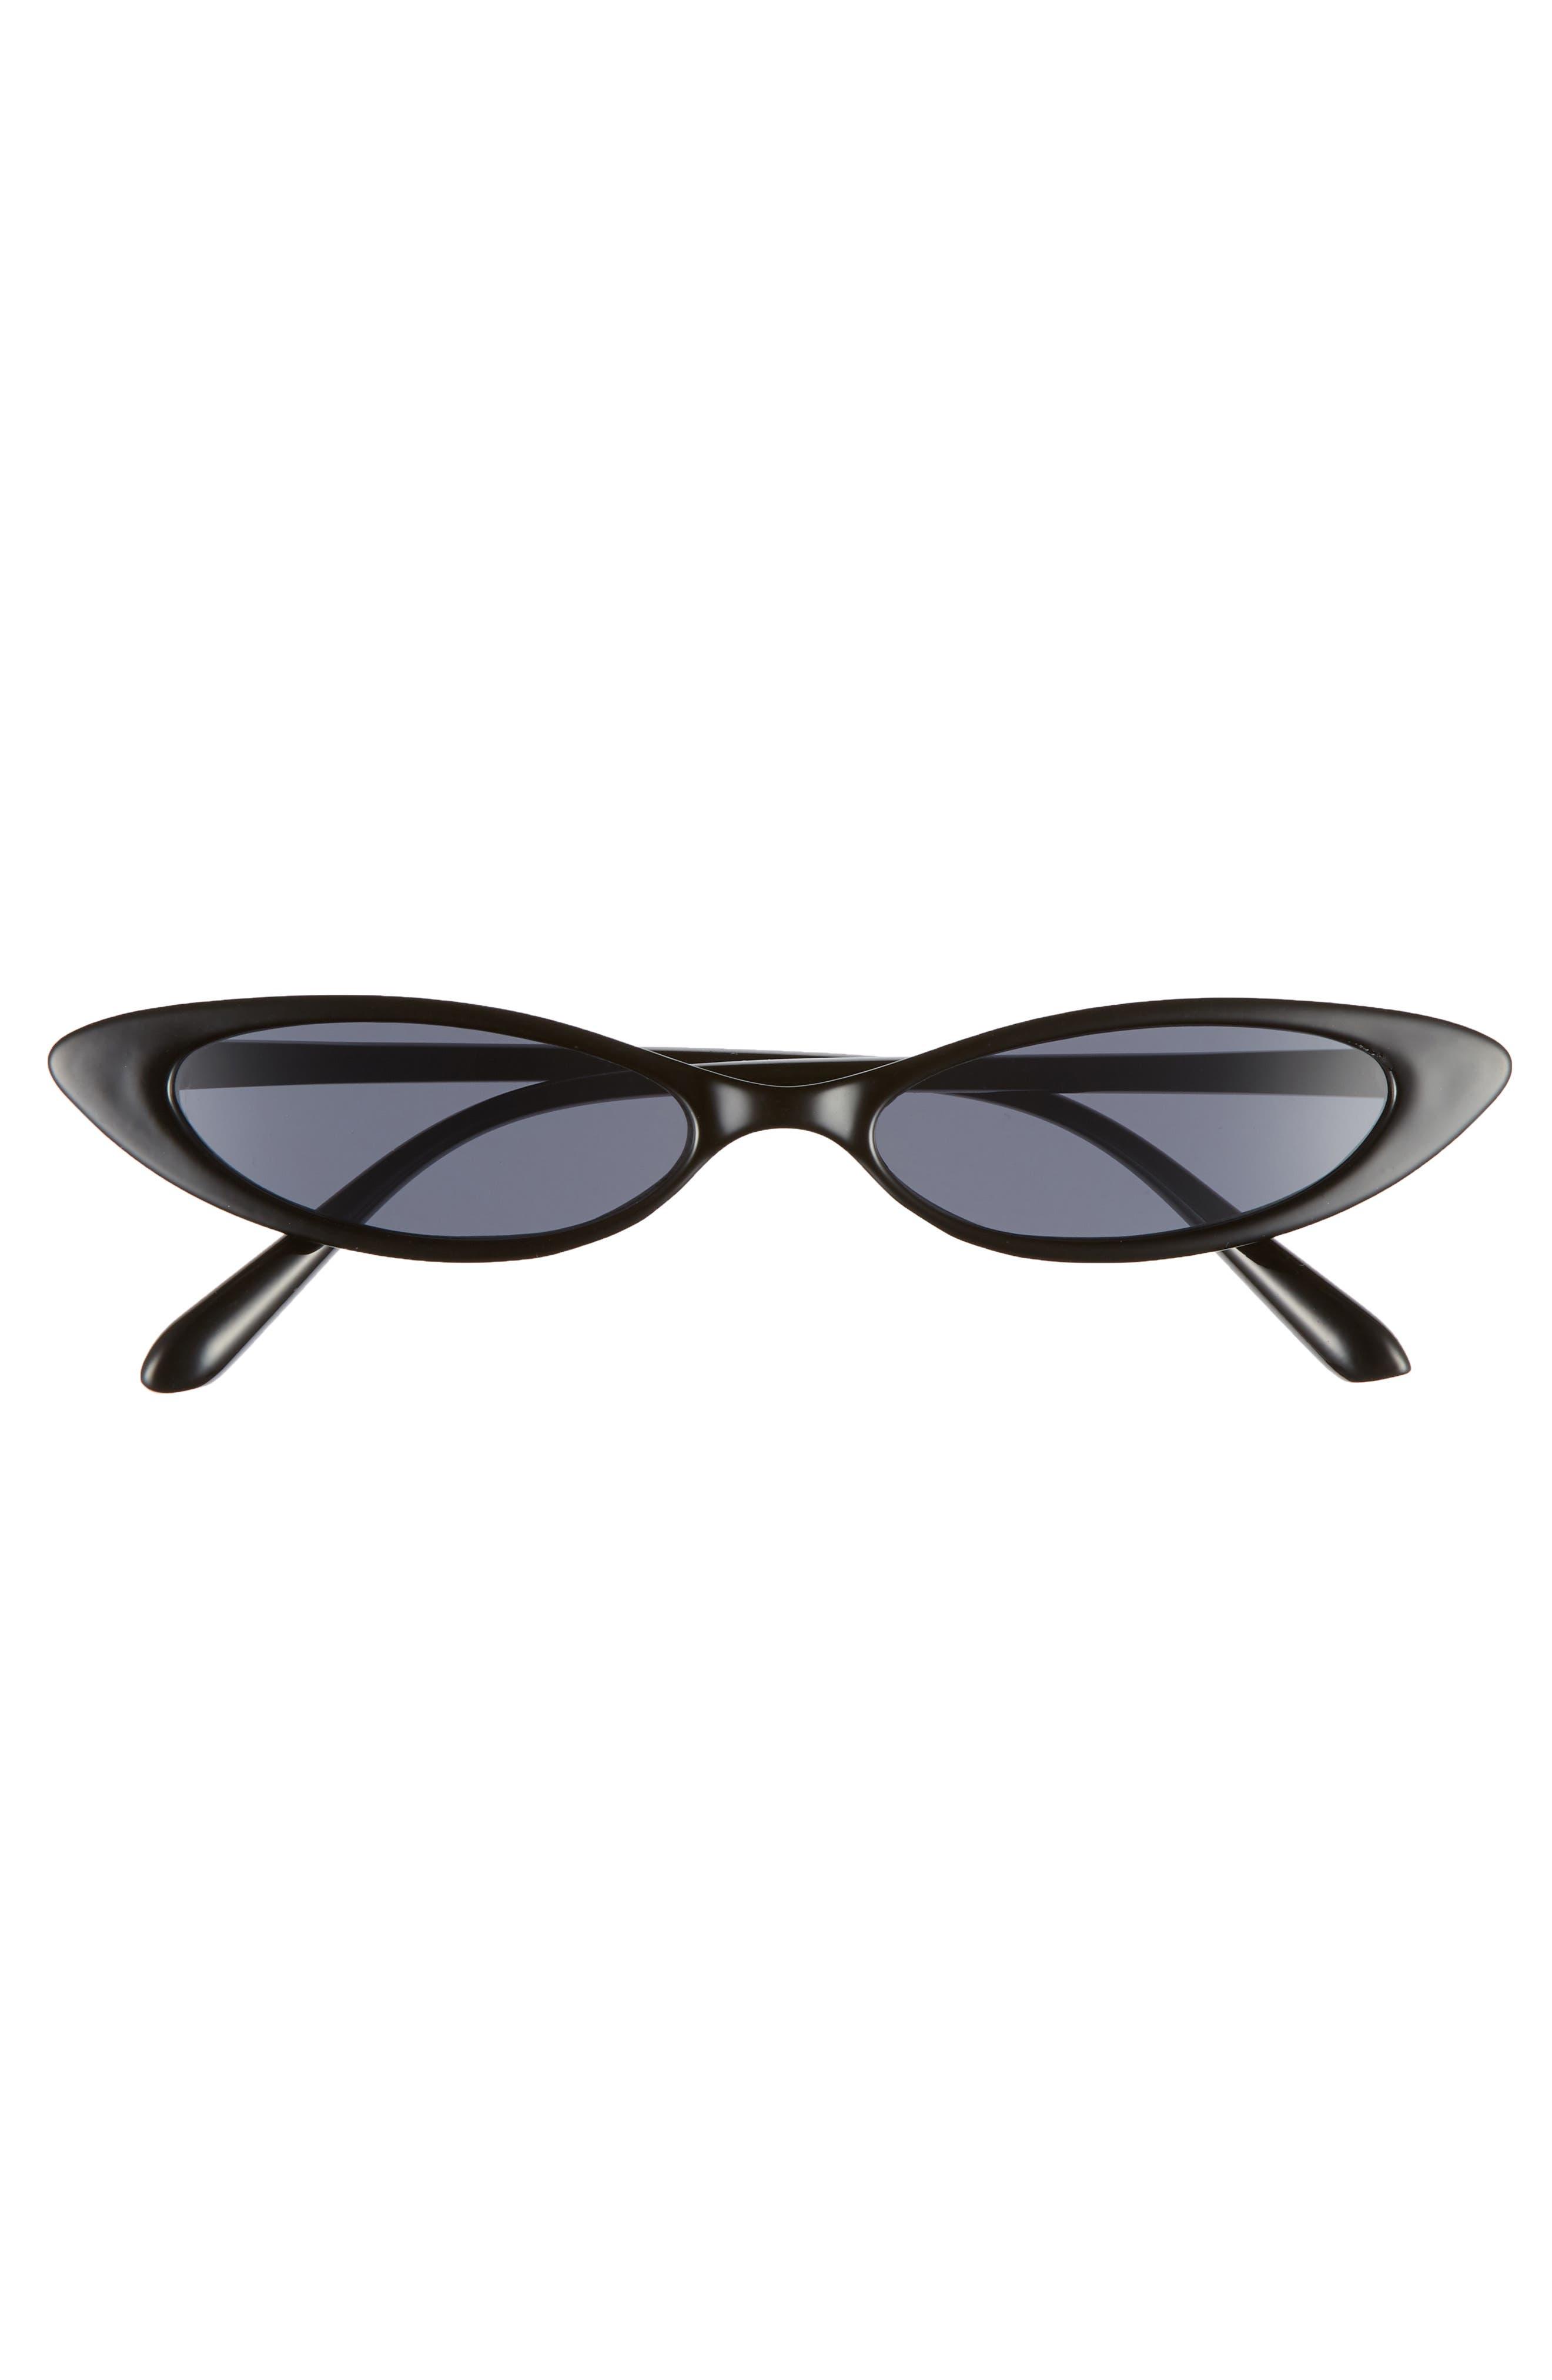 55mm Mini Cat Eye Sunglasses,                             Alternate thumbnail 3, color,                             BLACK